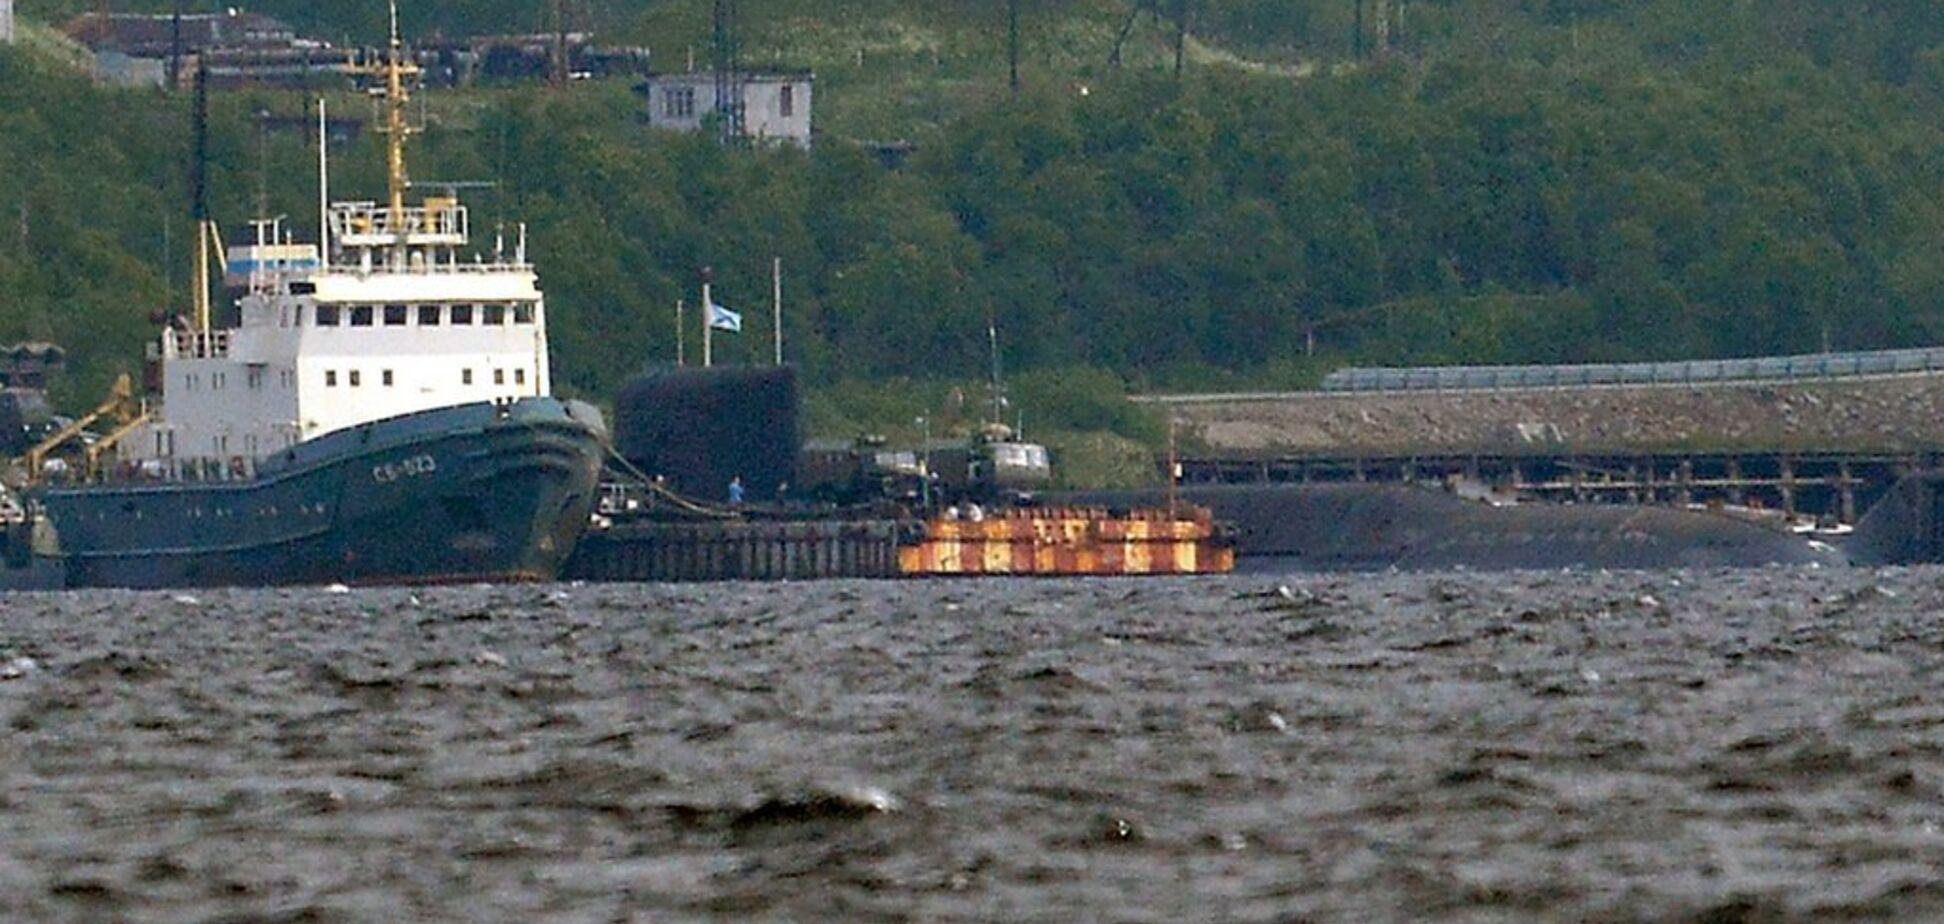 Субмарины США и России столкнулись у берегов Аляски? Пентагон ответил